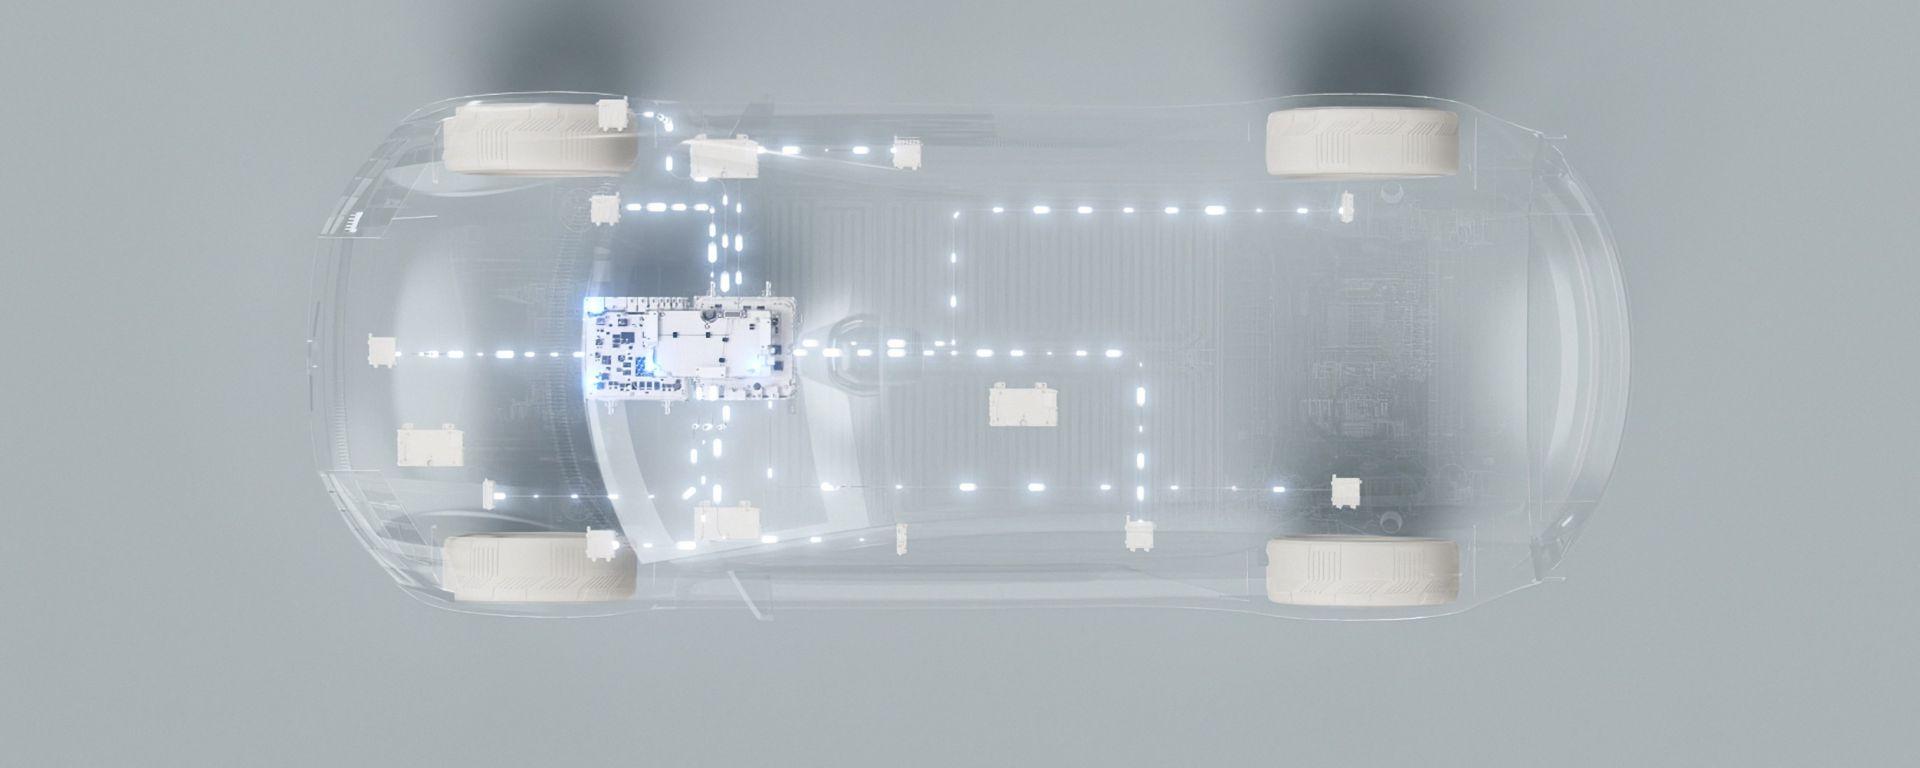 VolvoCars.OS: sulle Volvo del futuro, un sistema operativo di proprietà